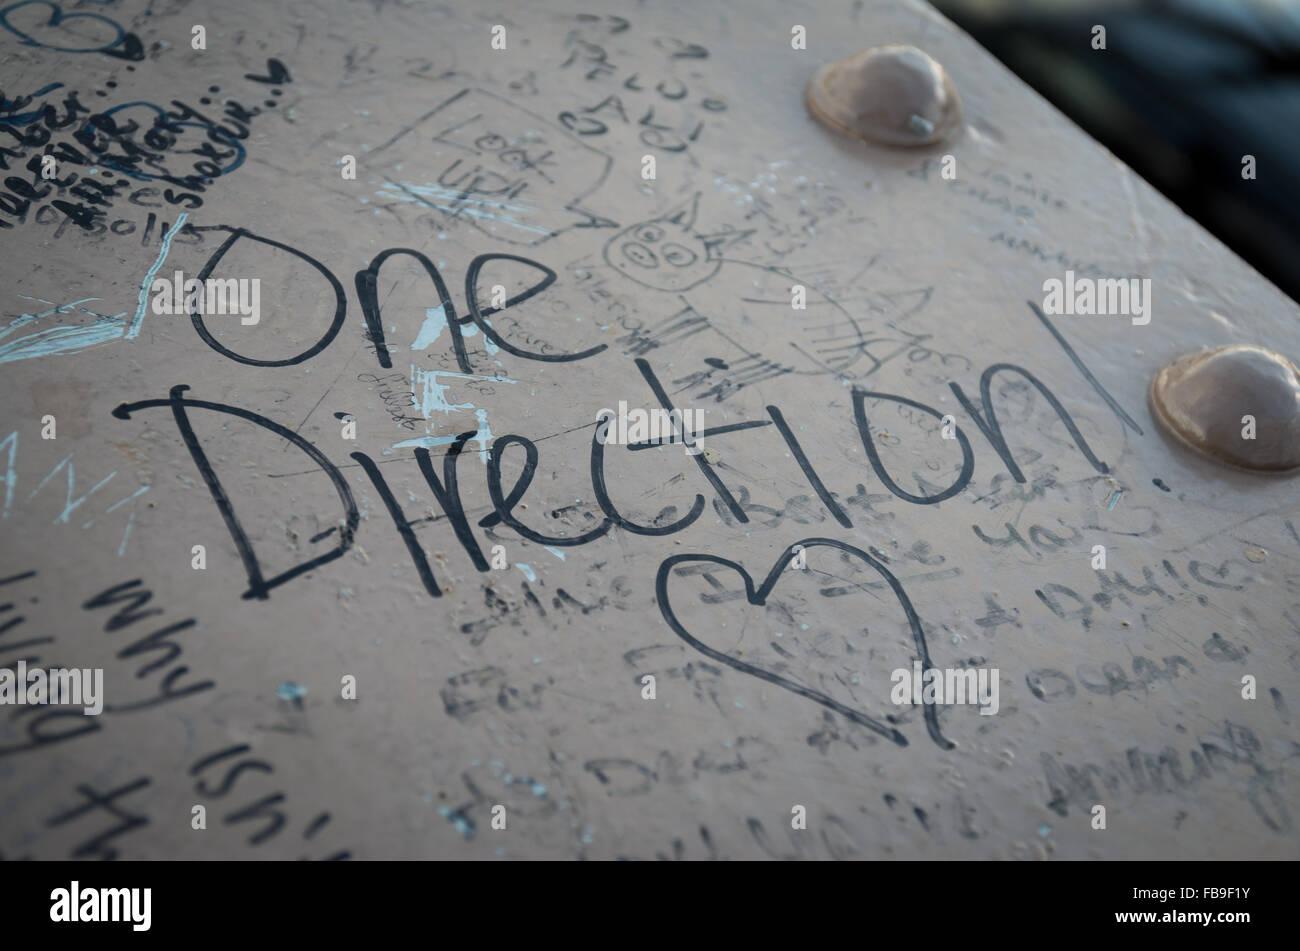 Une Direction fan des graffitis et coeur dessiné en feutre noir sur une poutre métallique Photo Stock